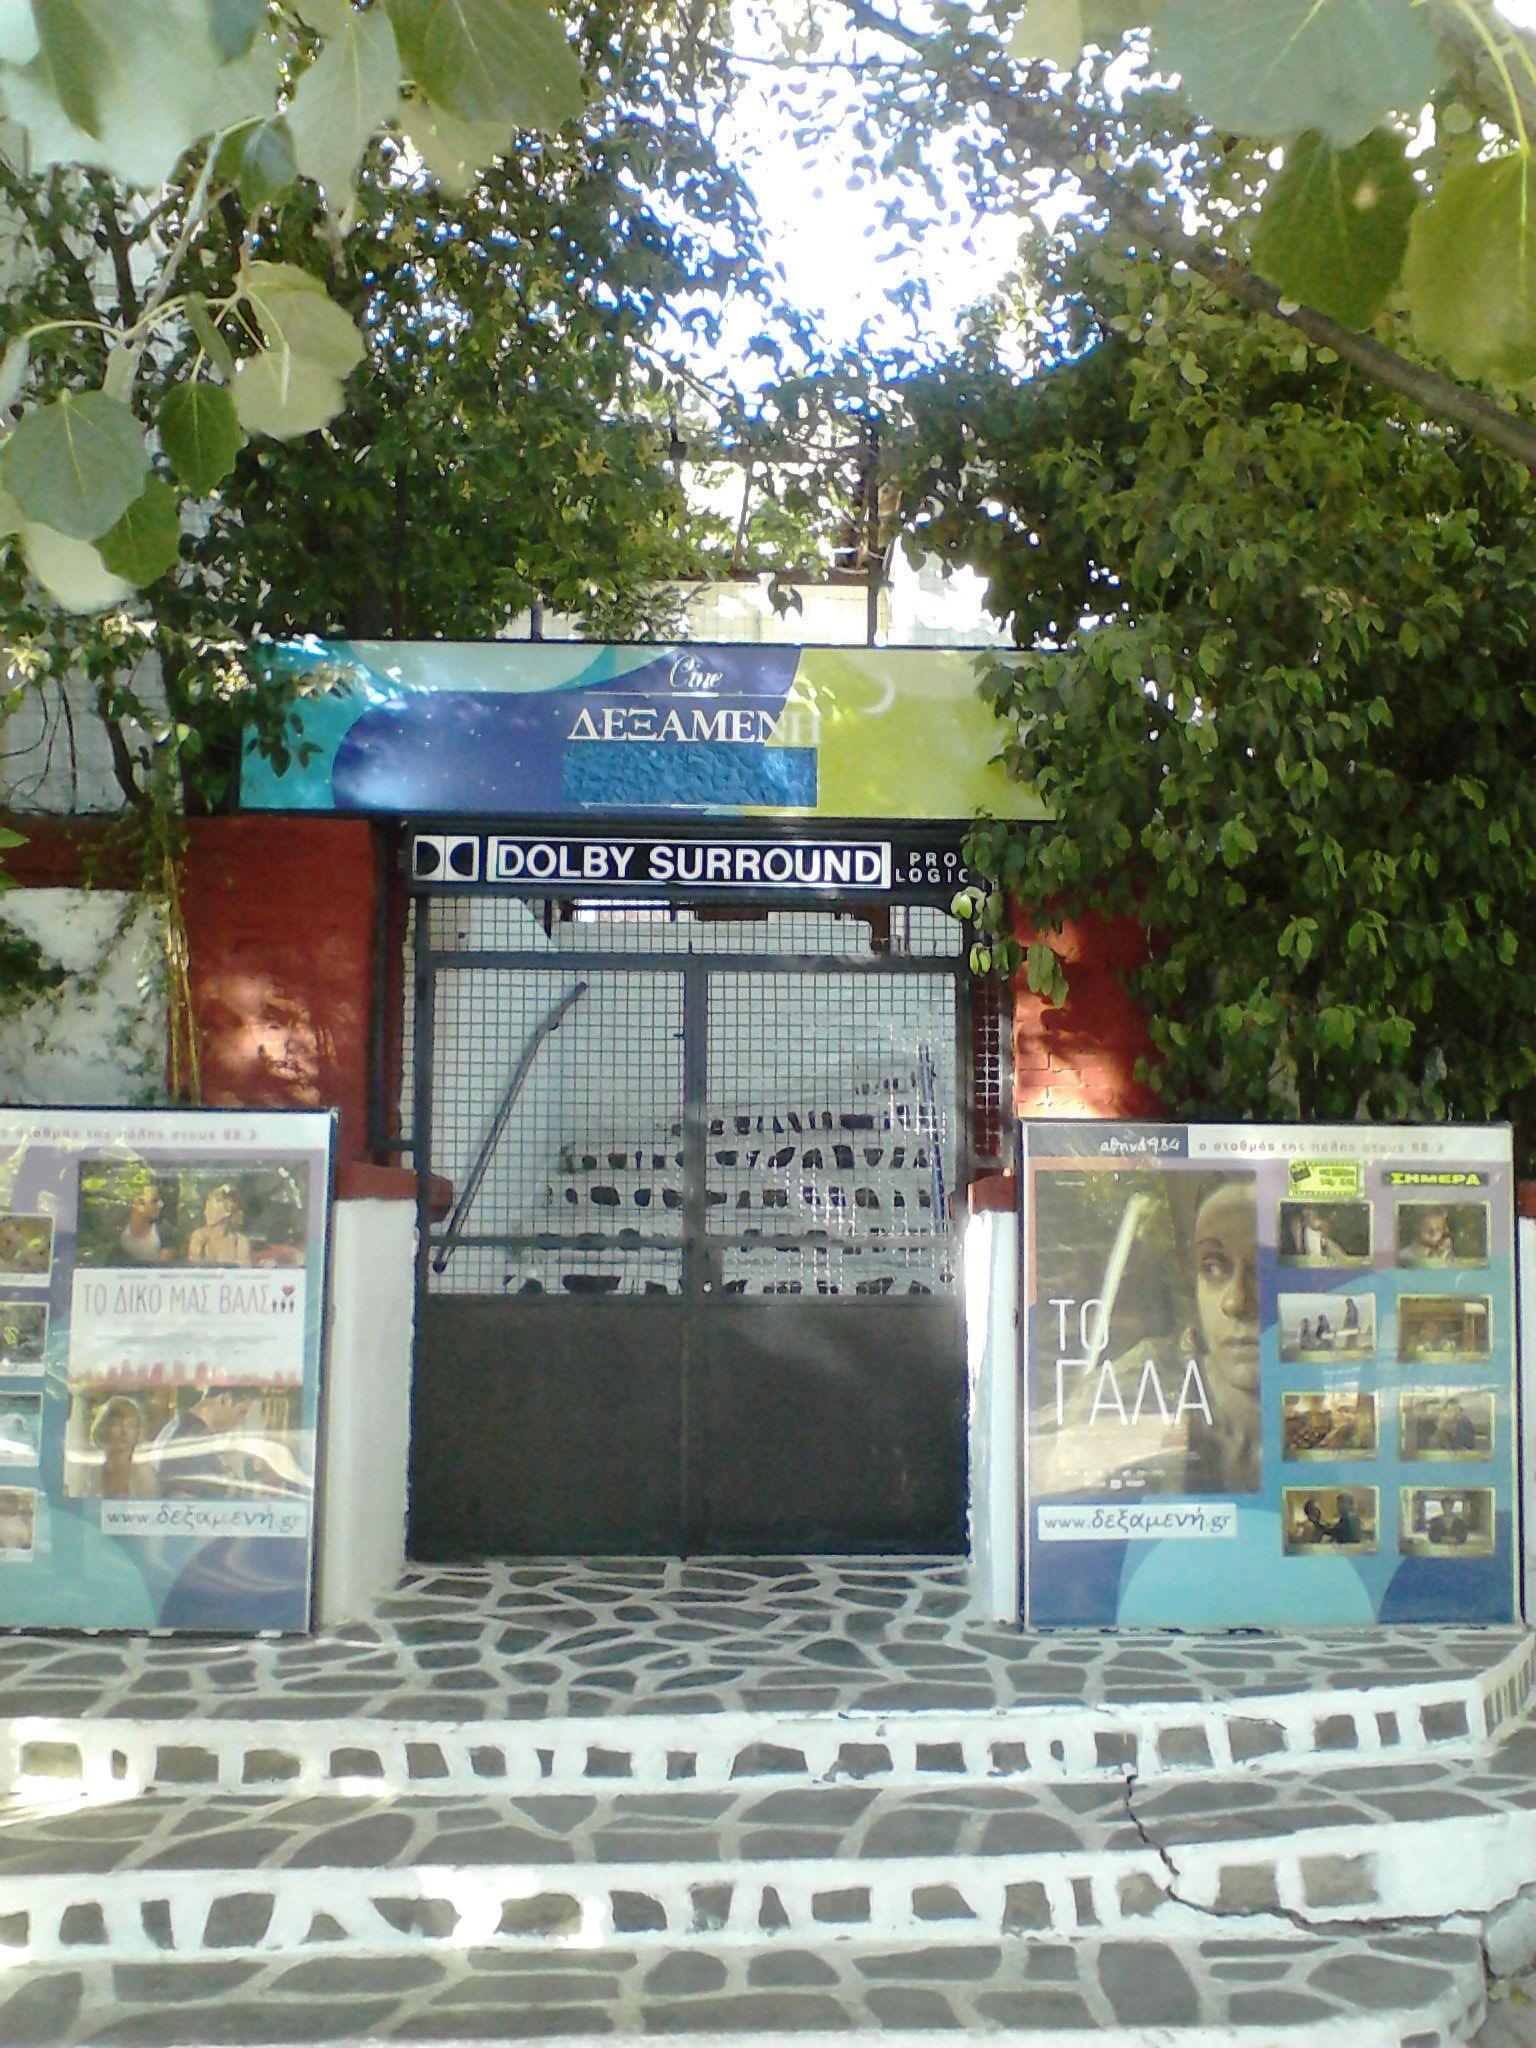 Dexameni square, open air cinema, Kolonaki Athens Athens